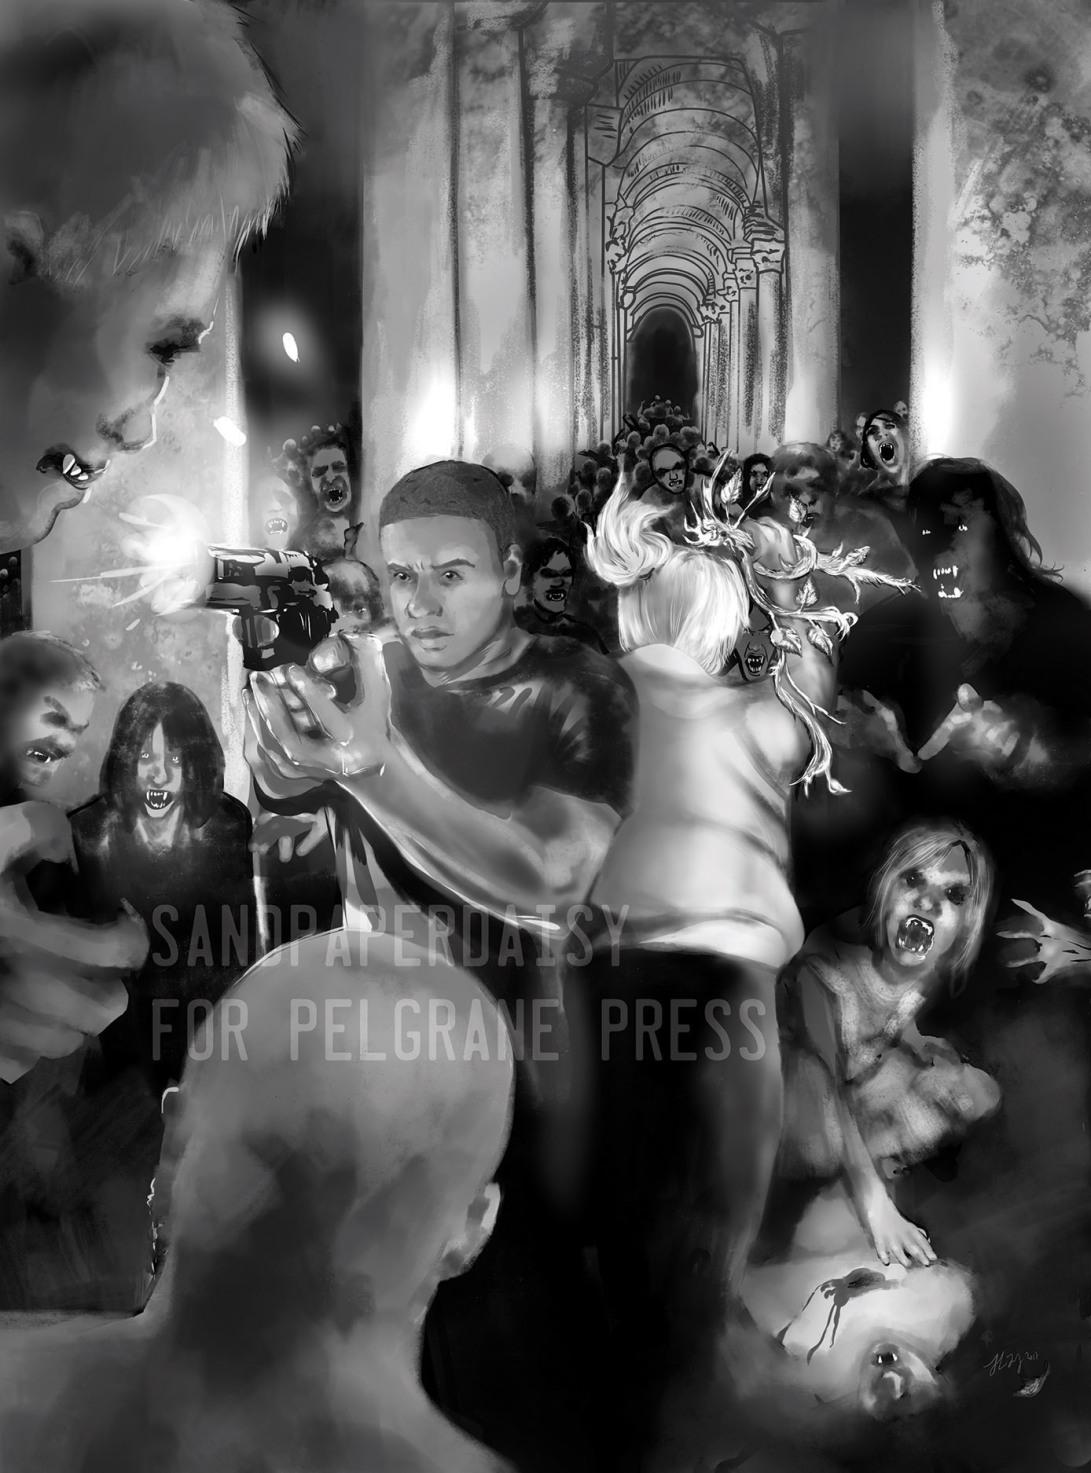 Pelgrane-NightsBlackAgents-Cistern_sandpaperdaisy